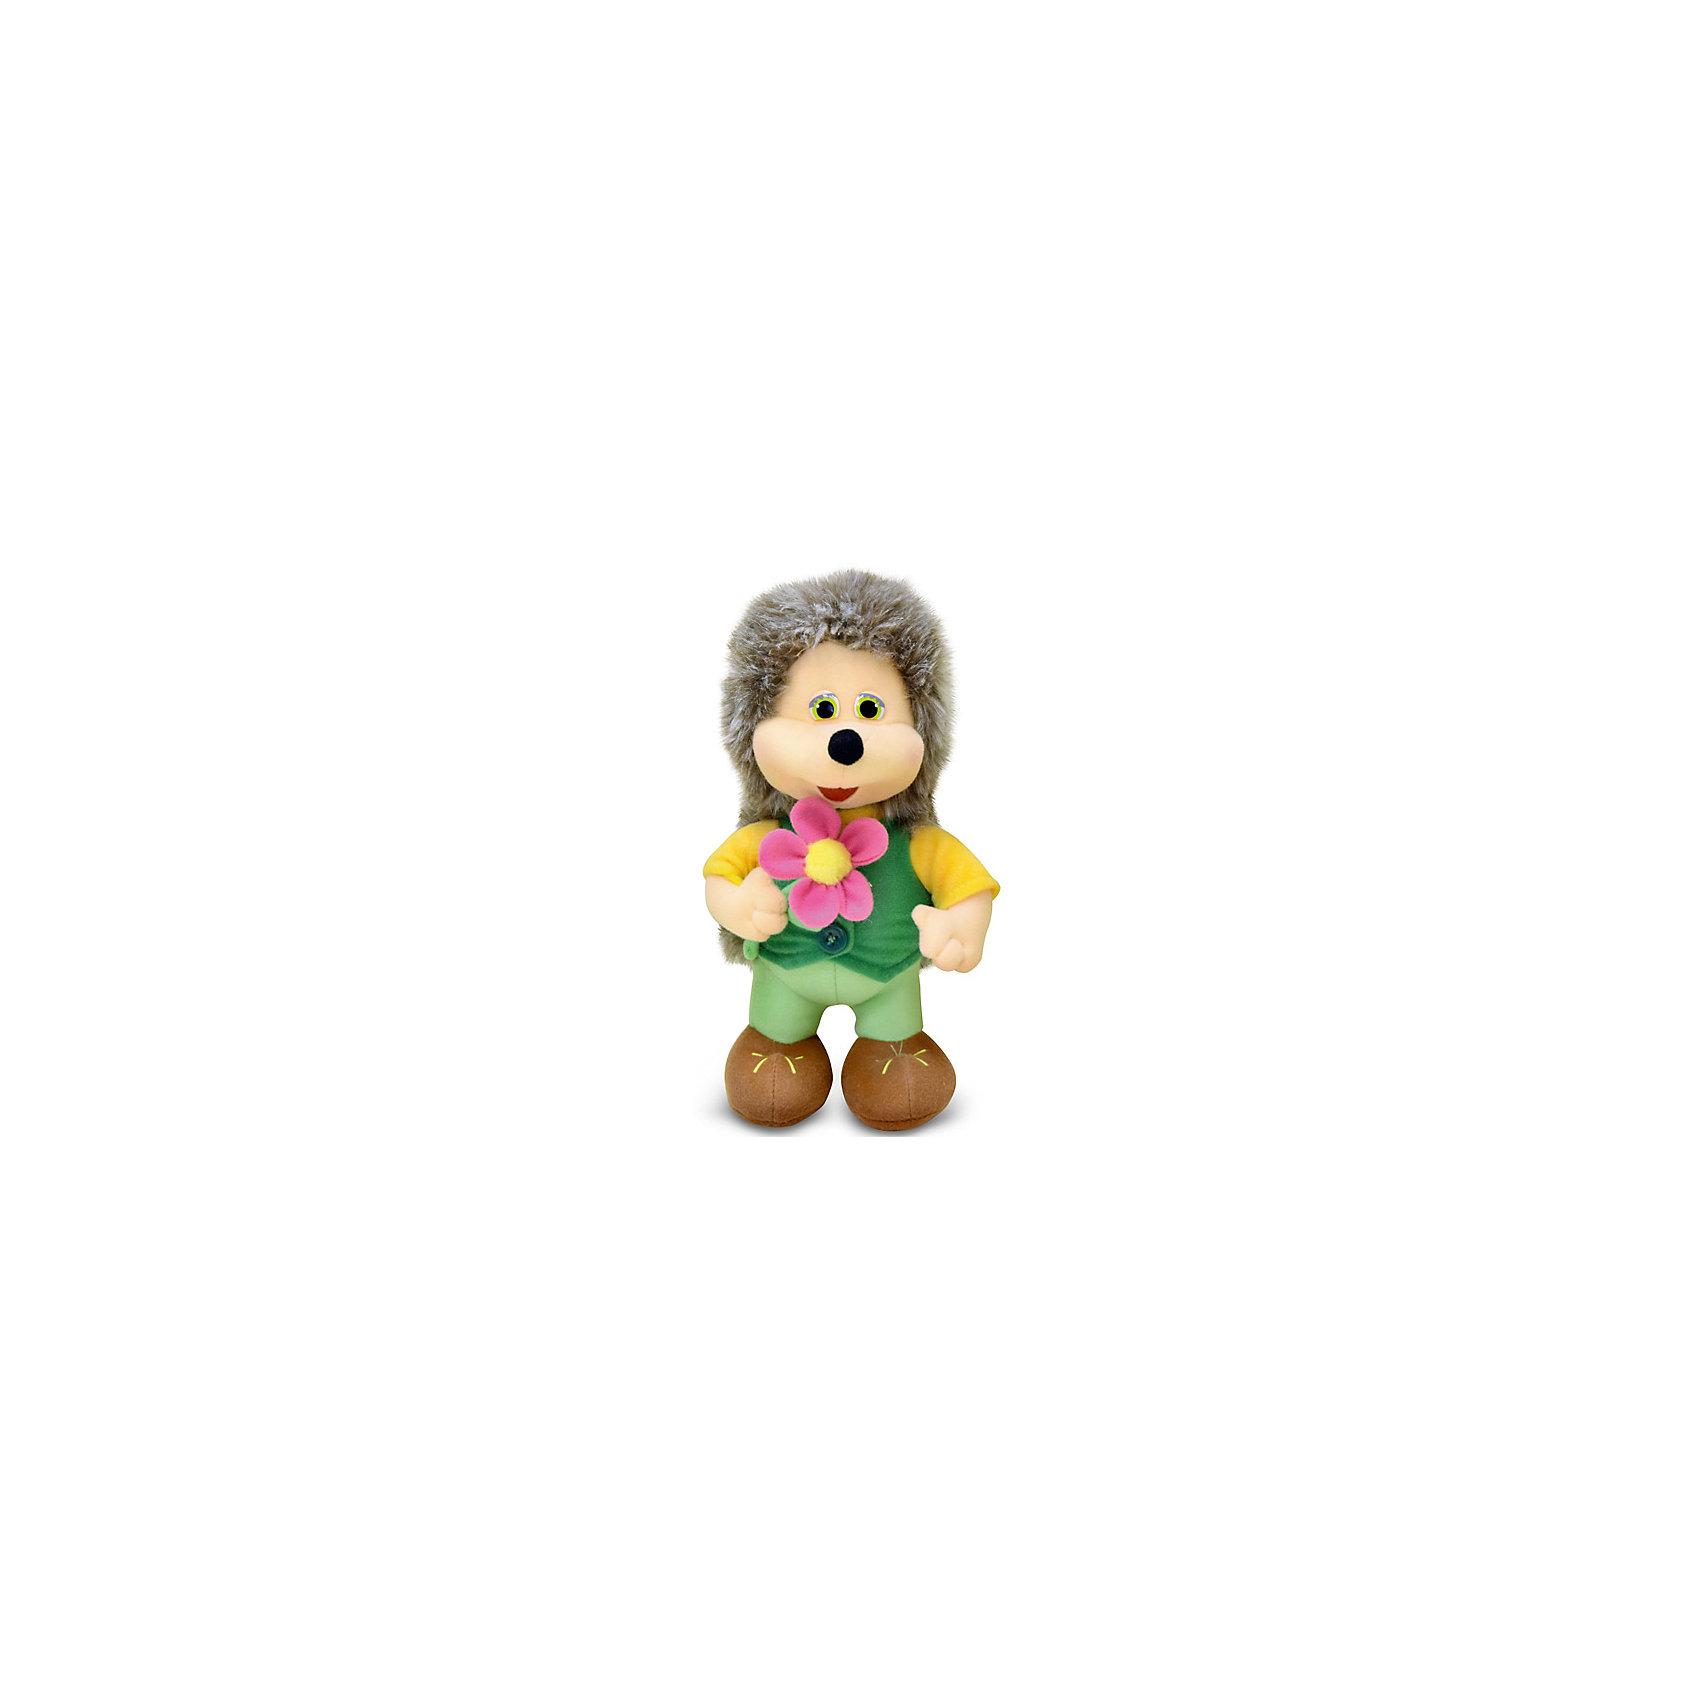 Ёжик с цветком, музыкальный, 25 см, LAVAЗвери и птицы<br>Симпатичная мягкая игрушка сделана в виде ежика с цветком в руках. Она поможет ребенку проводить время весело и с пользой (такие игрушки развивают воображение и моторику). В игрушке есть встроенный звуковой модуль, работающий на батарейках.<br>Размер игрушки универсален - 25 сантиметров, её удобно брать с собой в поездки и на прогулку. Сделан Ёжик из качественных и безопасных для ребенка материалов, которые еще и приятны на ощупь. Эта игрушка может стать и отличным подарком для взрослого.<br><br>Дополнительная информация:<br><br>- материал: текстиль, пластик;<br>- звуковой модуль;<br>- язык: русский;<br>- работает на батарейках;<br>- высота: 25 см.<br><br>Игрушку Ёжик с цветком, музыкальный, 25 см, от марки LAVA можно купить в нашем магазине.<br><br>Ширина мм: 250<br>Глубина мм: 150<br>Высота мм: 90<br>Вес г: 200<br>Возраст от месяцев: 36<br>Возраст до месяцев: 1188<br>Пол: Унисекс<br>Возраст: Детский<br>SKU: 4701866